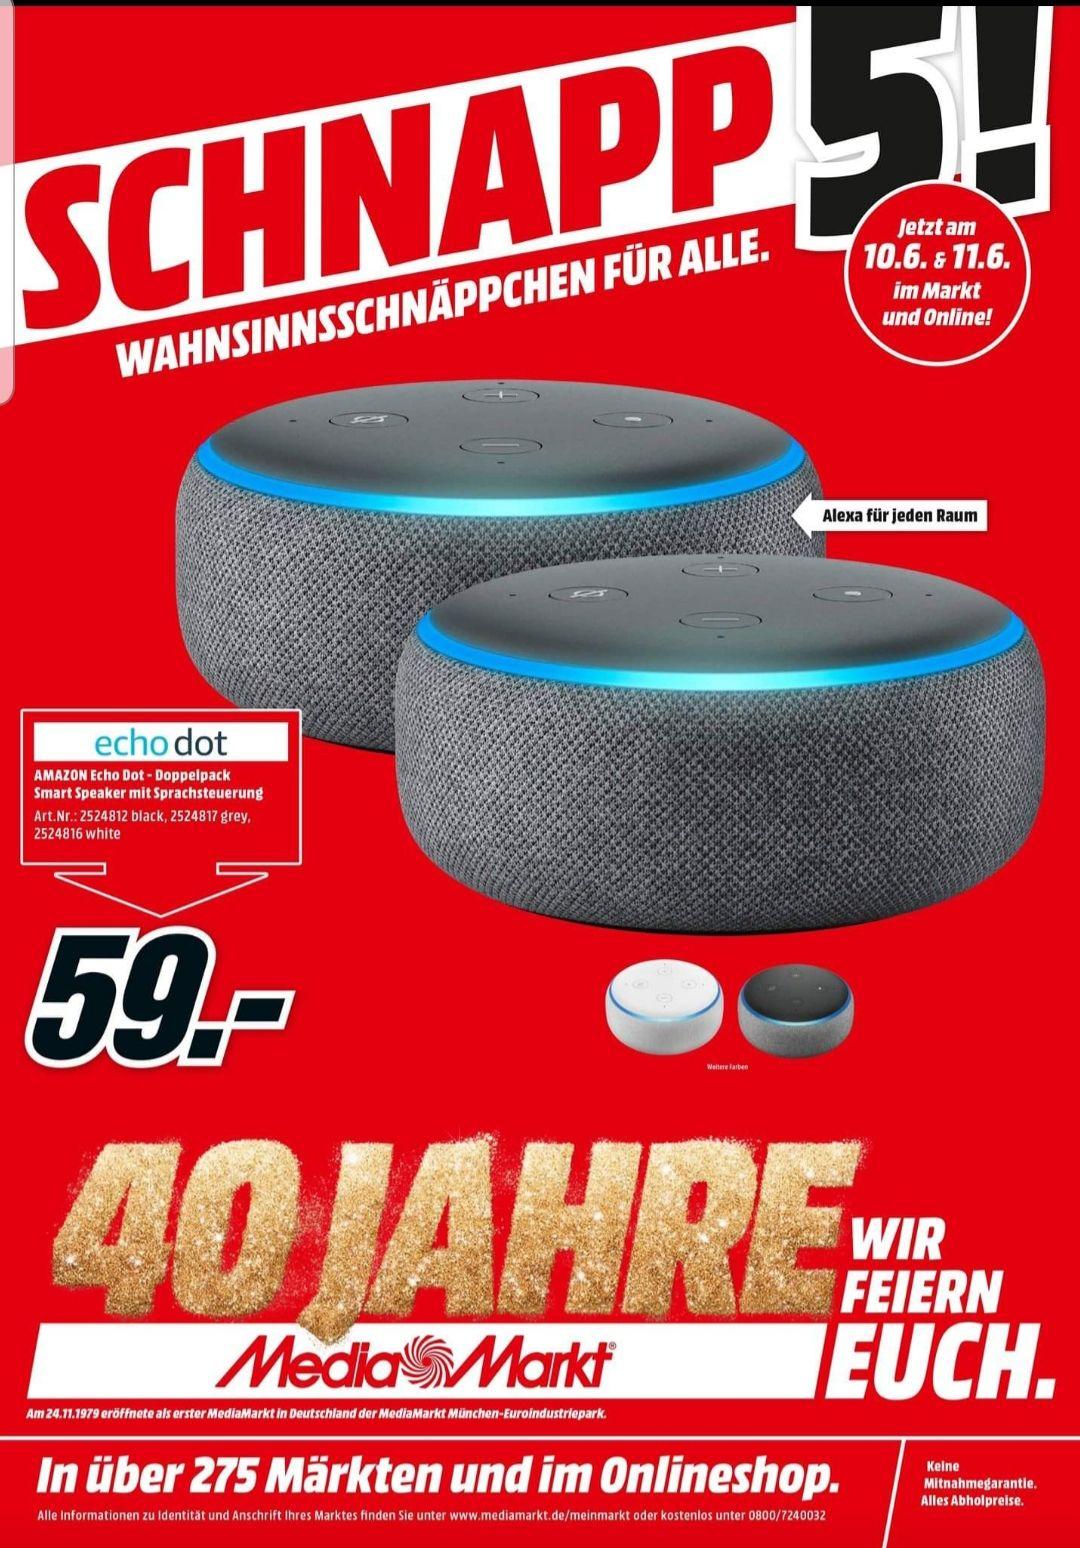 2 Echo dot 3 im Doppelpack für 59€